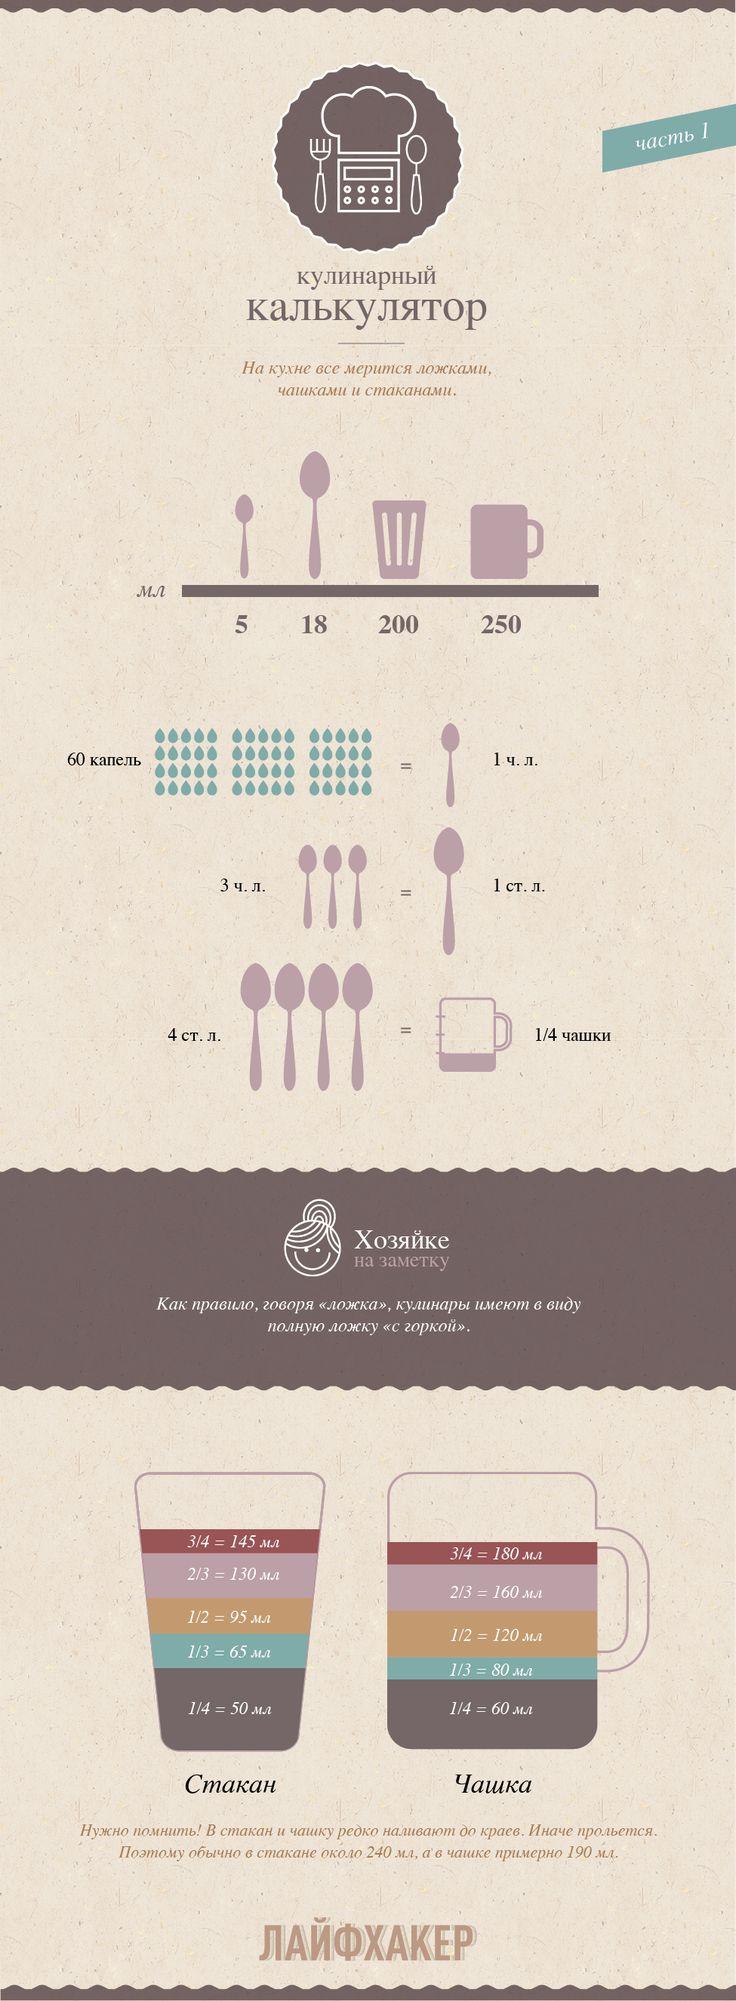 ИНФОГРАФИКА: Кулинарный калькулятор. Часть 1 - Лайфхакер